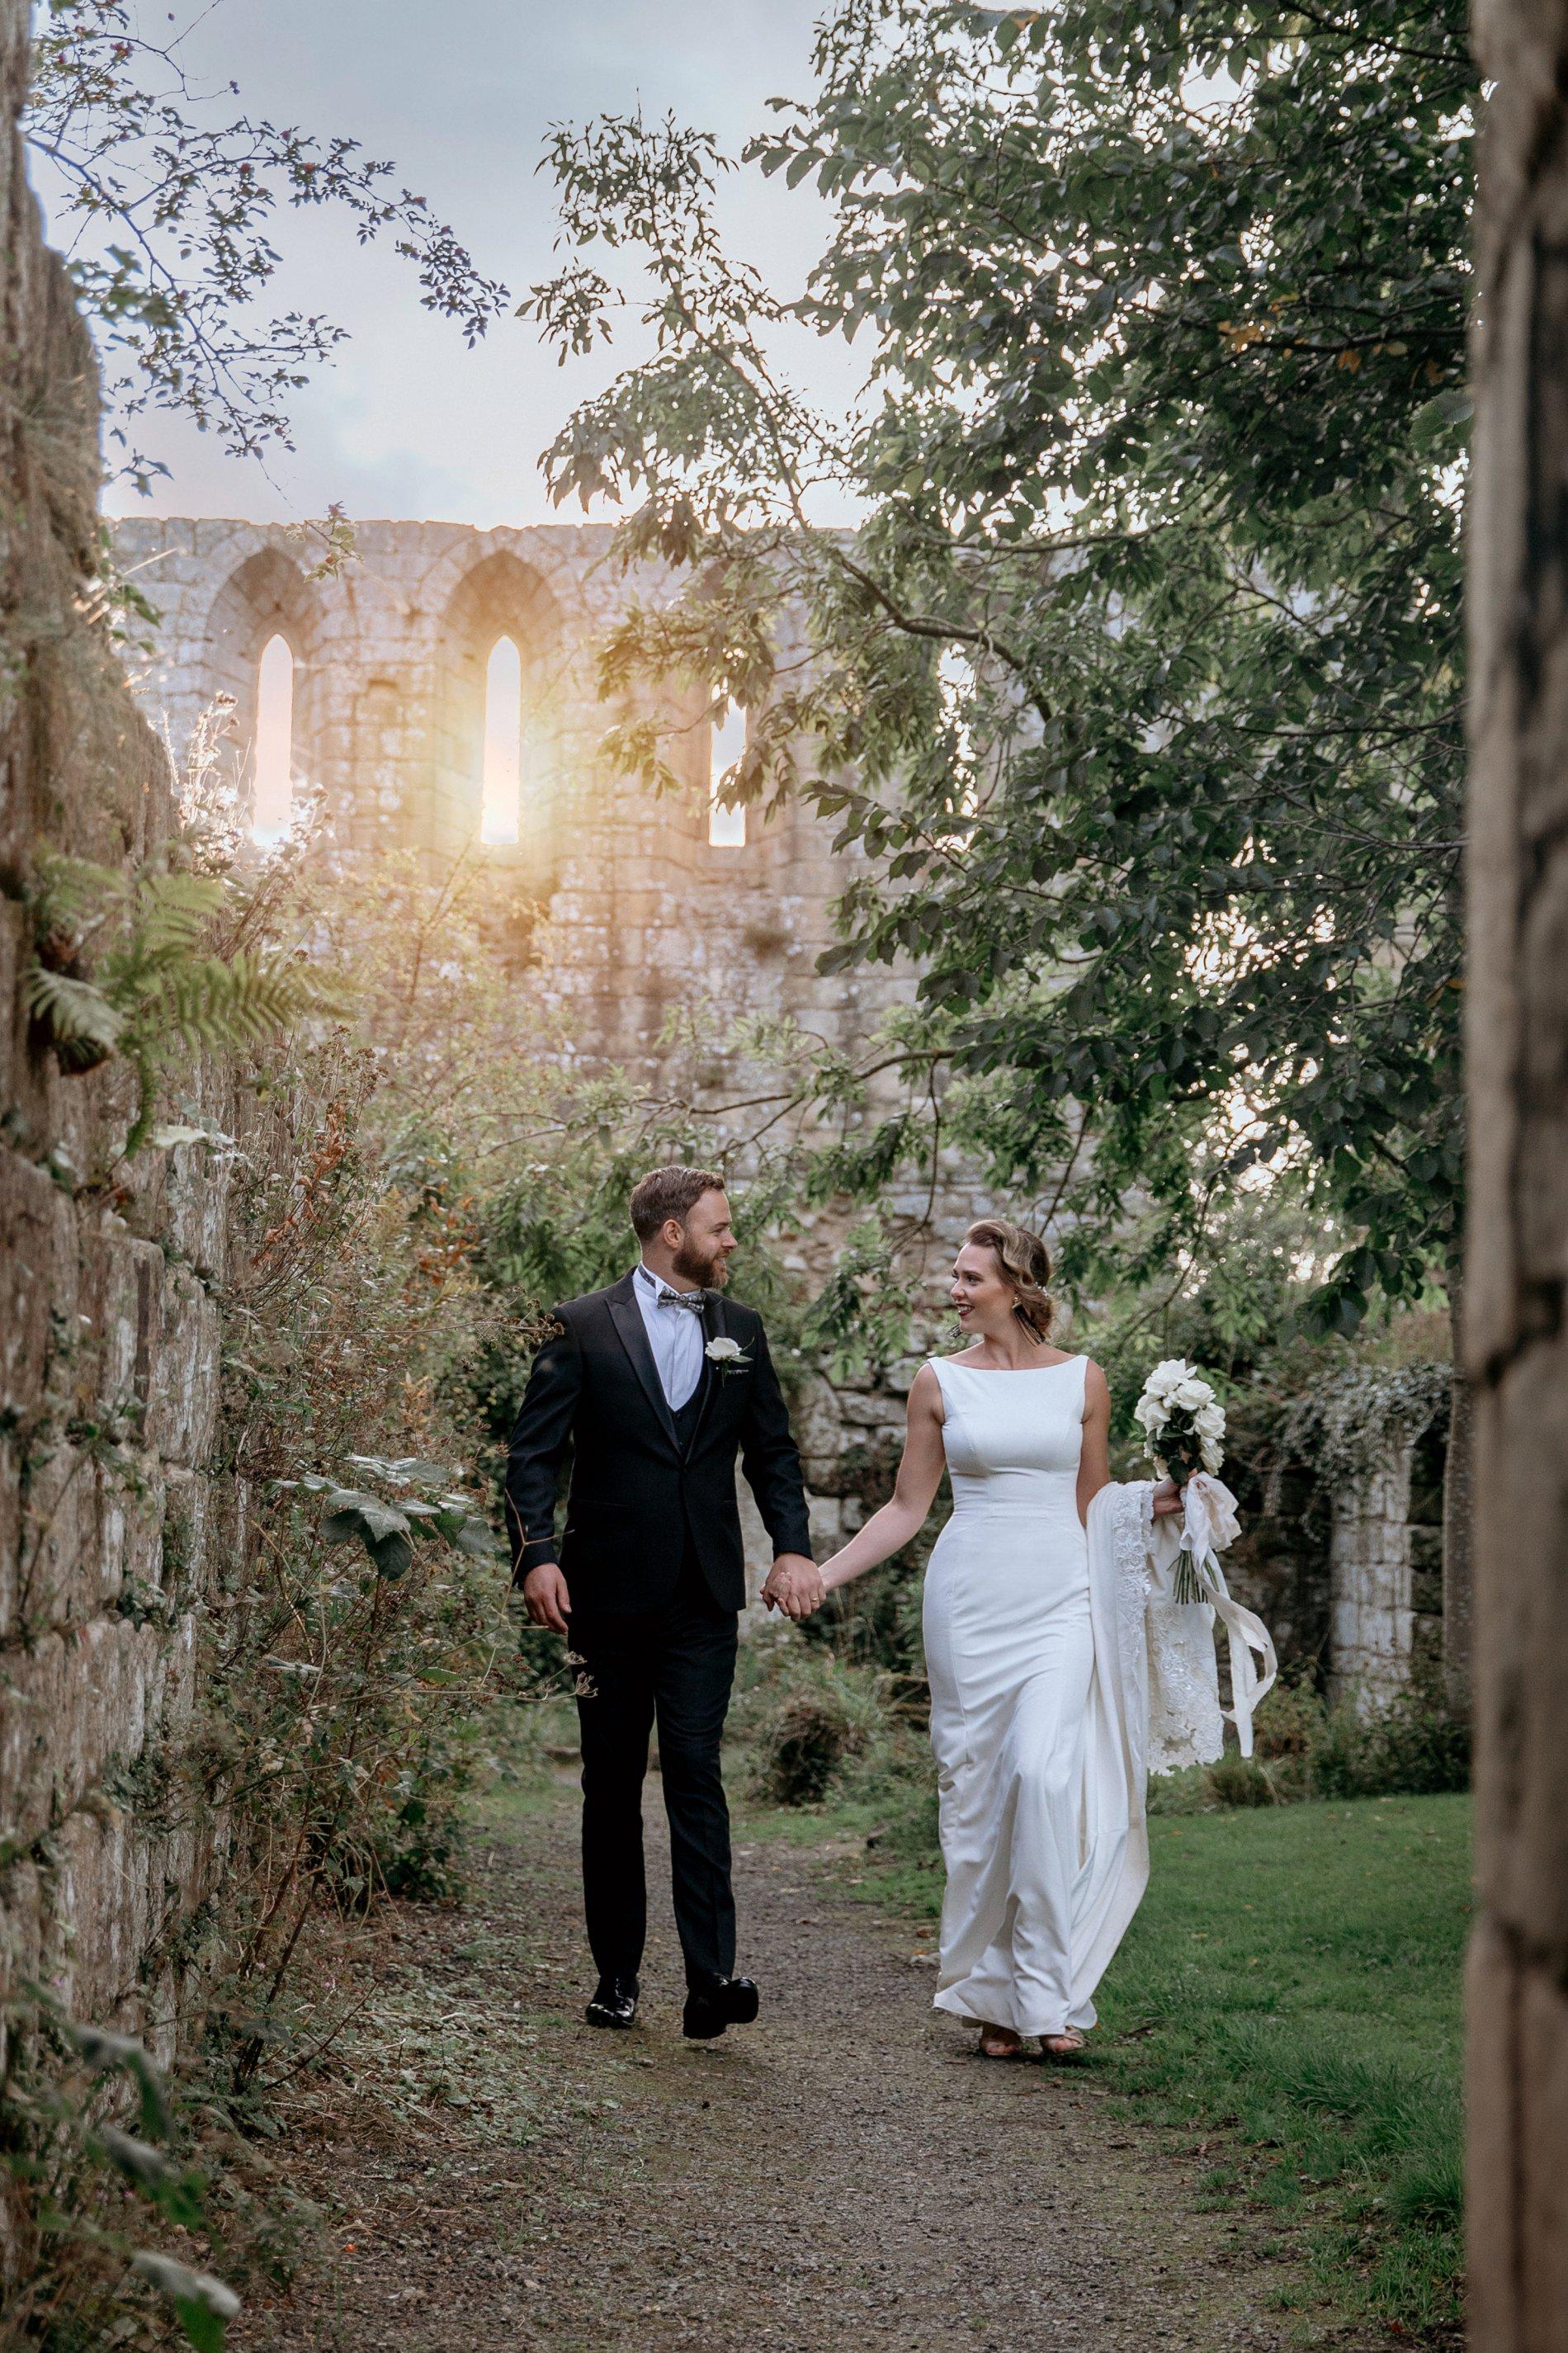 An Elegant Wedding Shoot at Jervaulx Abbey (c) Natalie Hamilton Photography (80)